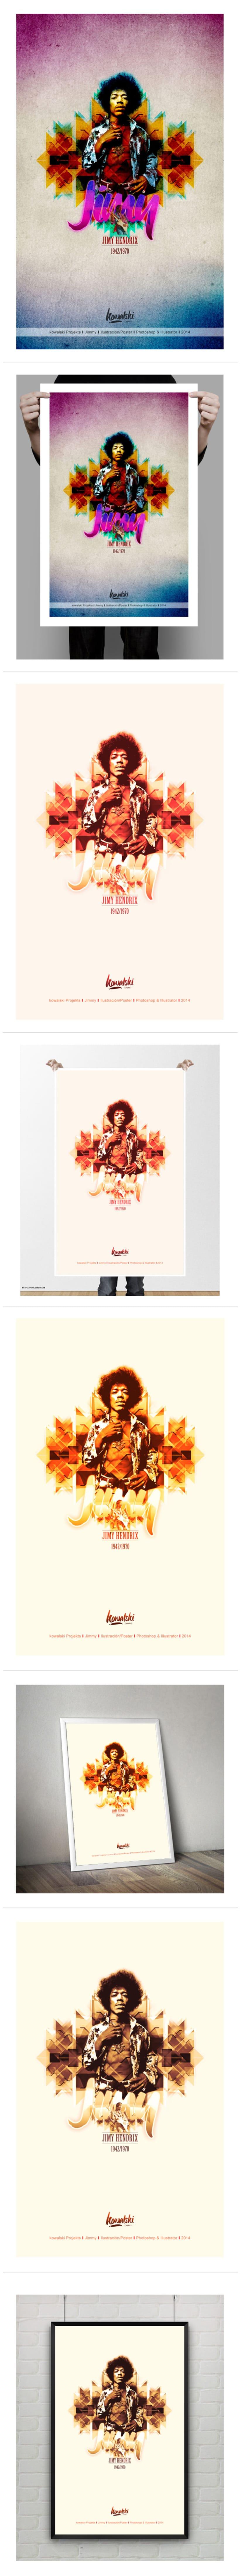 Kowalski Projekts - Poster - Jimy -1